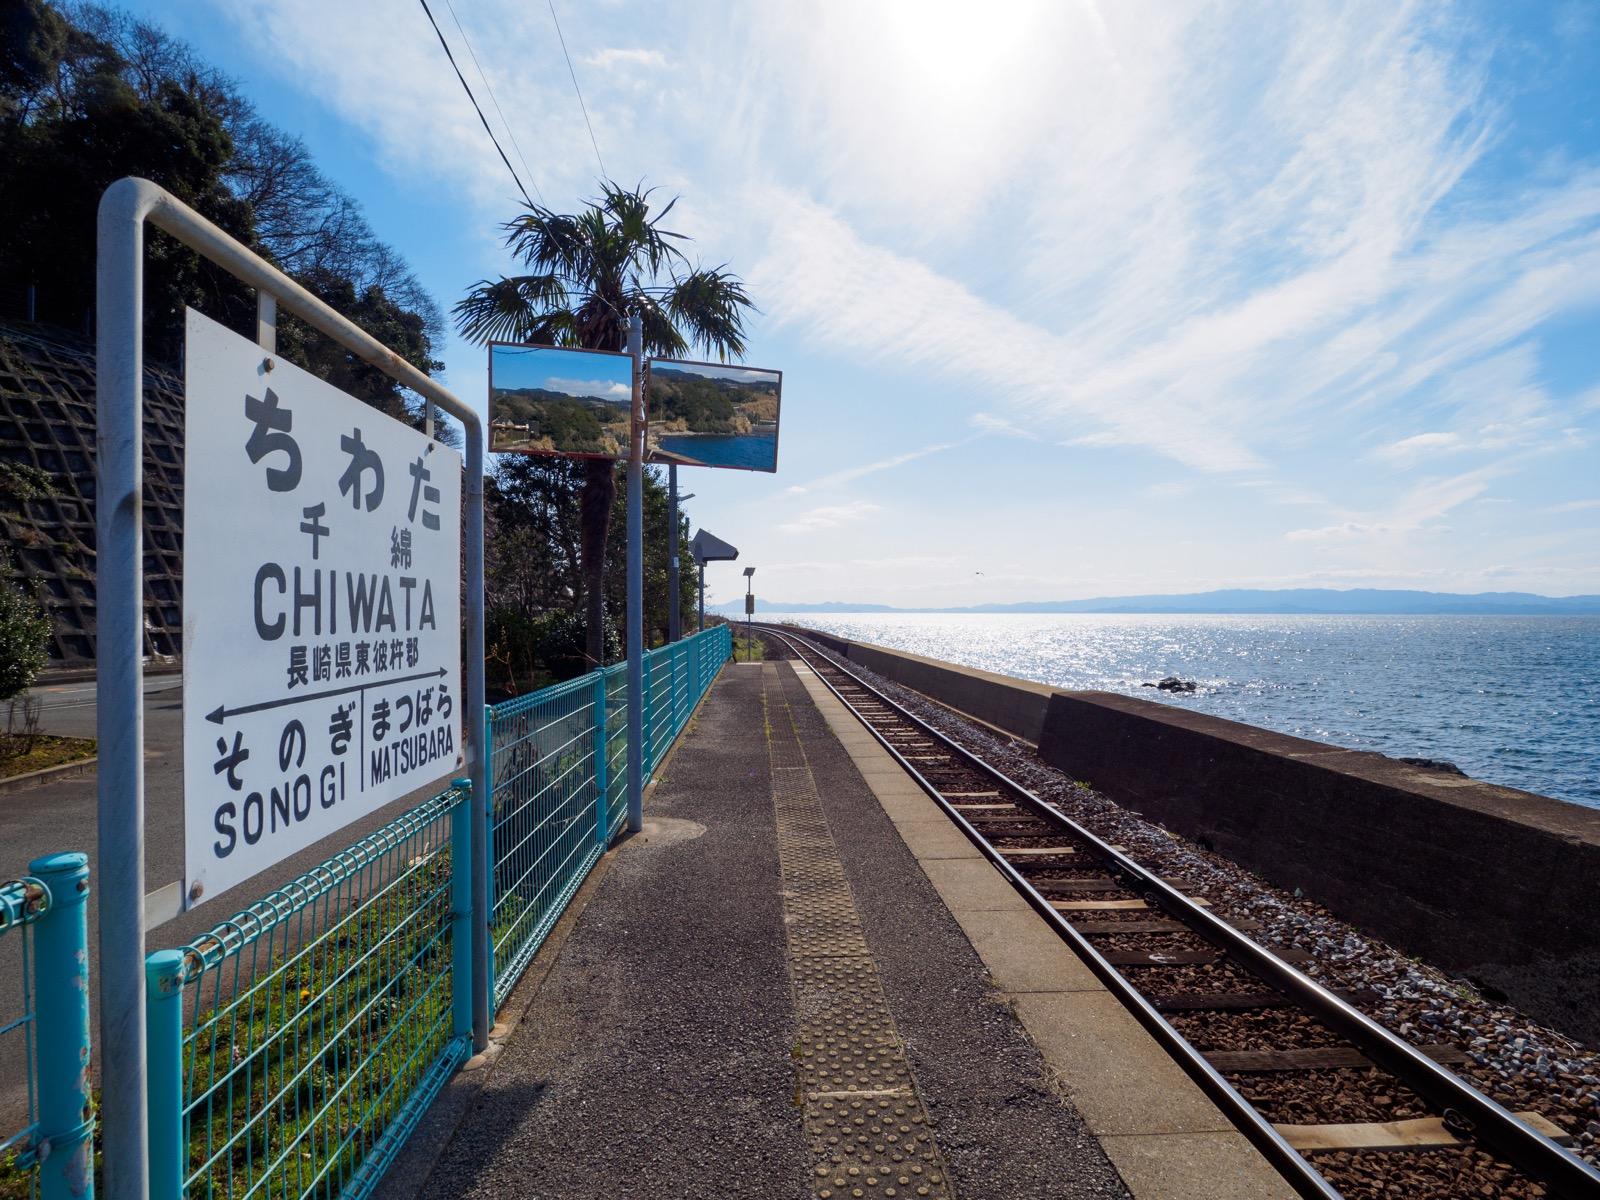 千綿駅のホームと大村湾